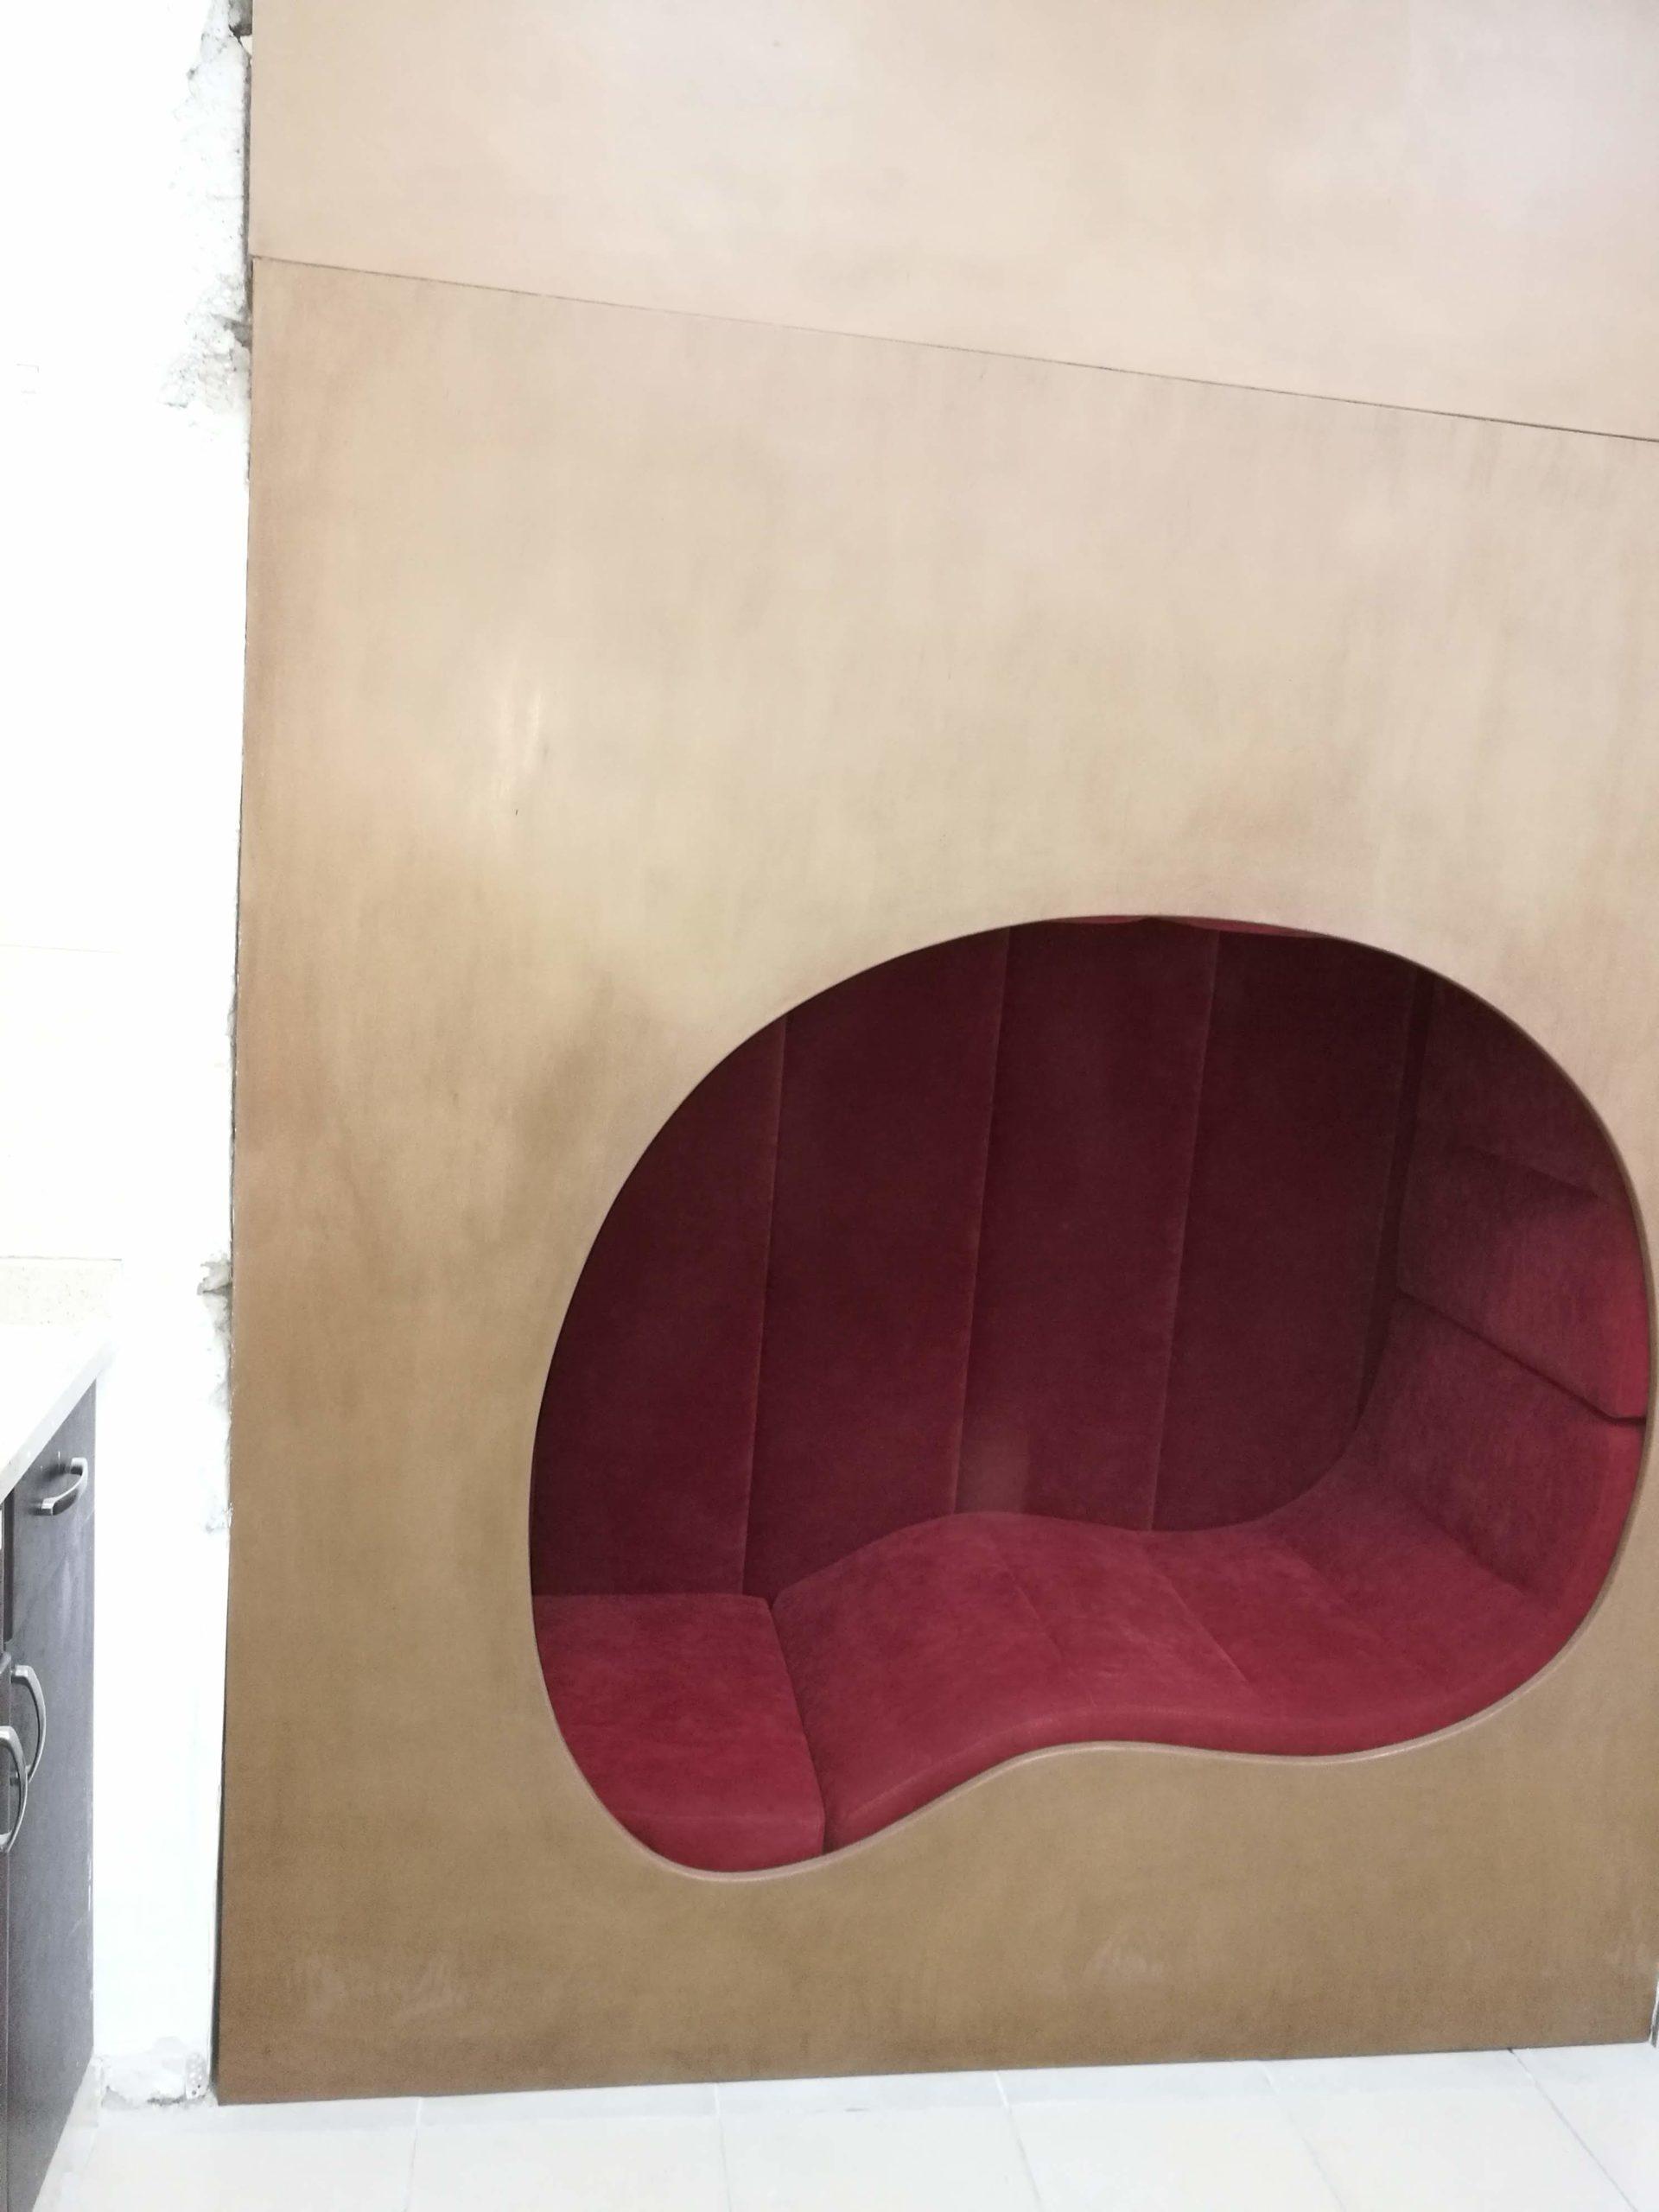 ייצור רהיטים בהתאמה אישית - כוך ישיבה - רסטורנו